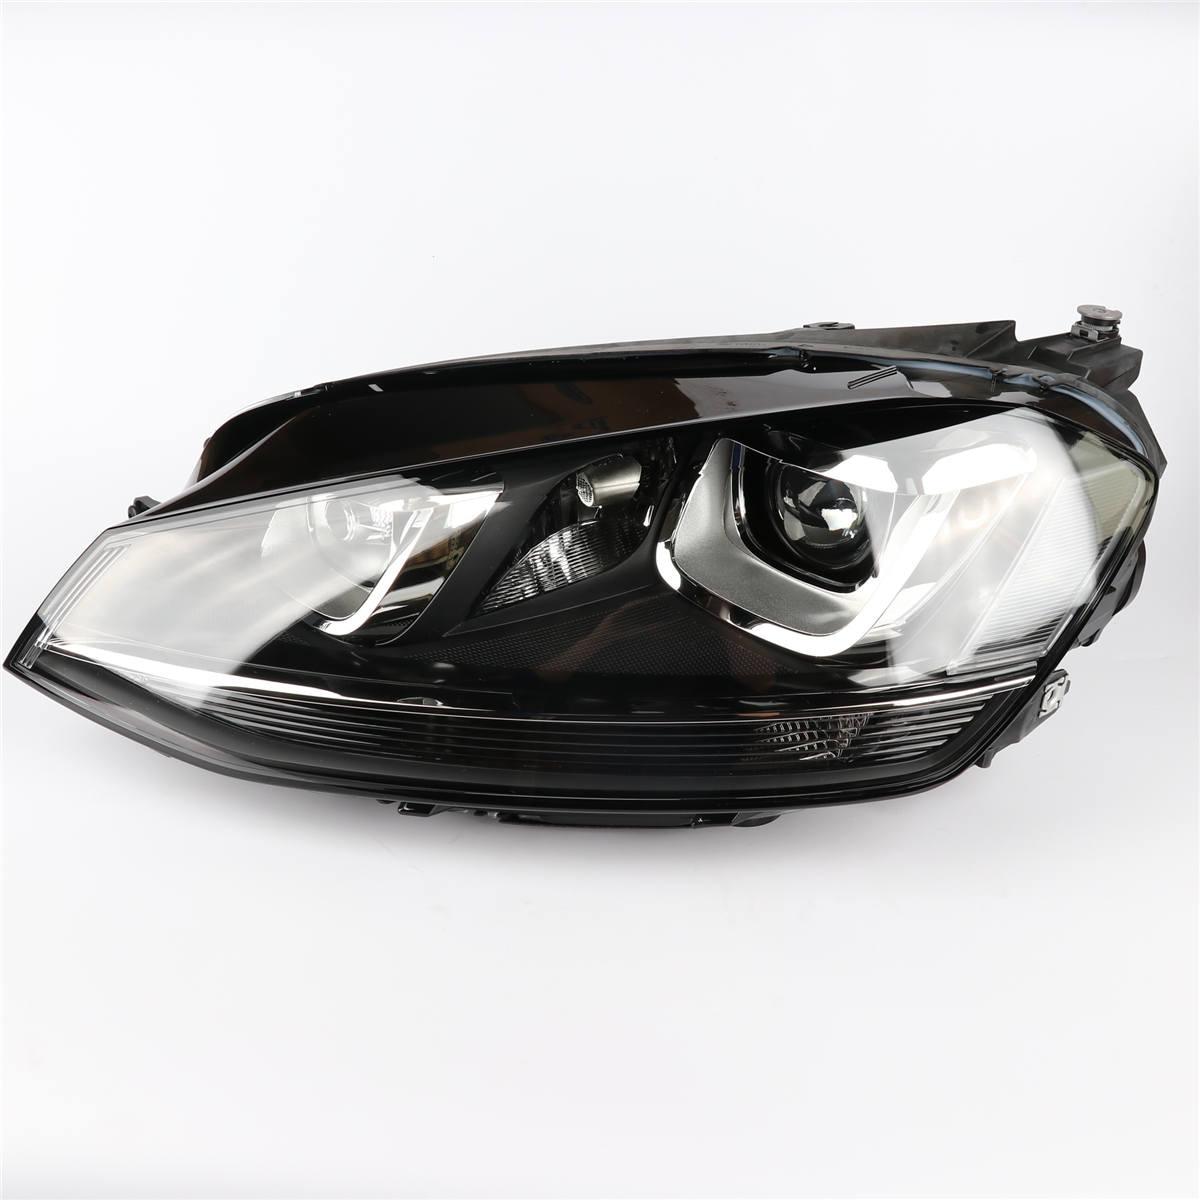 1Pcs Left Side Genuine Front Headlight Head Light Lamp Assembly For VW Golf MK7 L5GG 941 031 цены